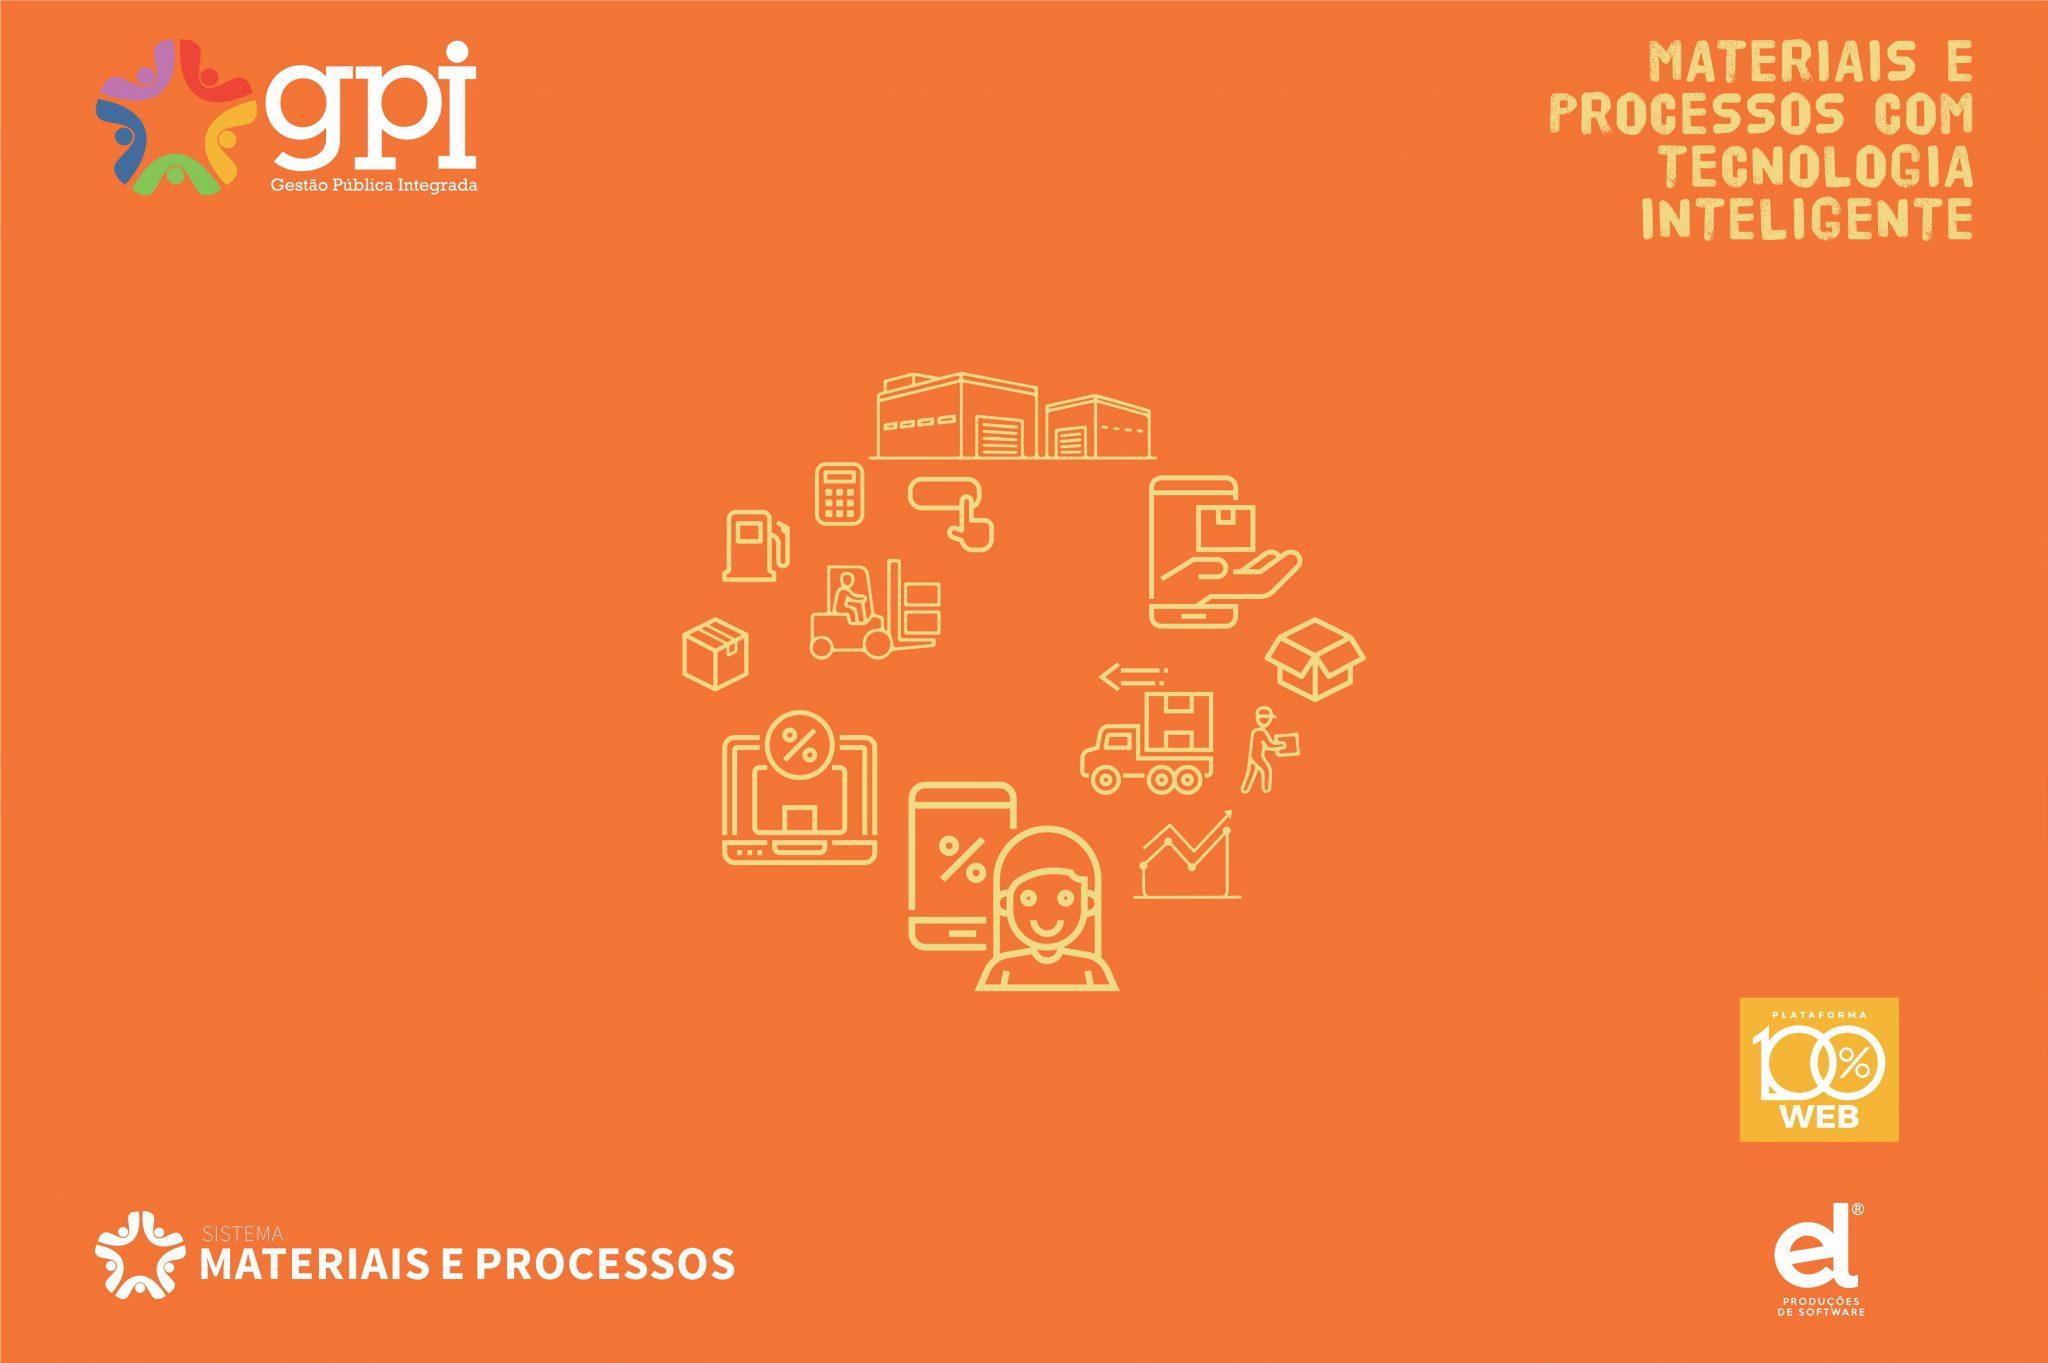 materiais_processos-2048x1363